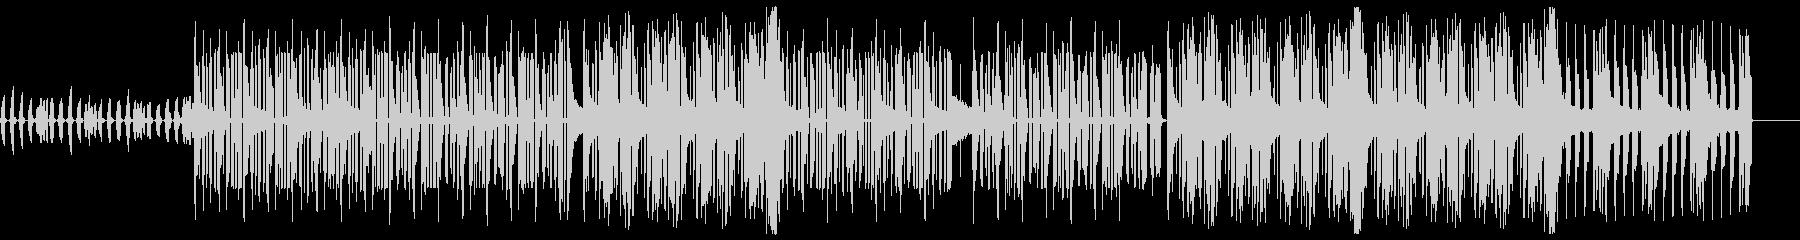 ダーク 不気味 ヒップホップ トラップの未再生の波形